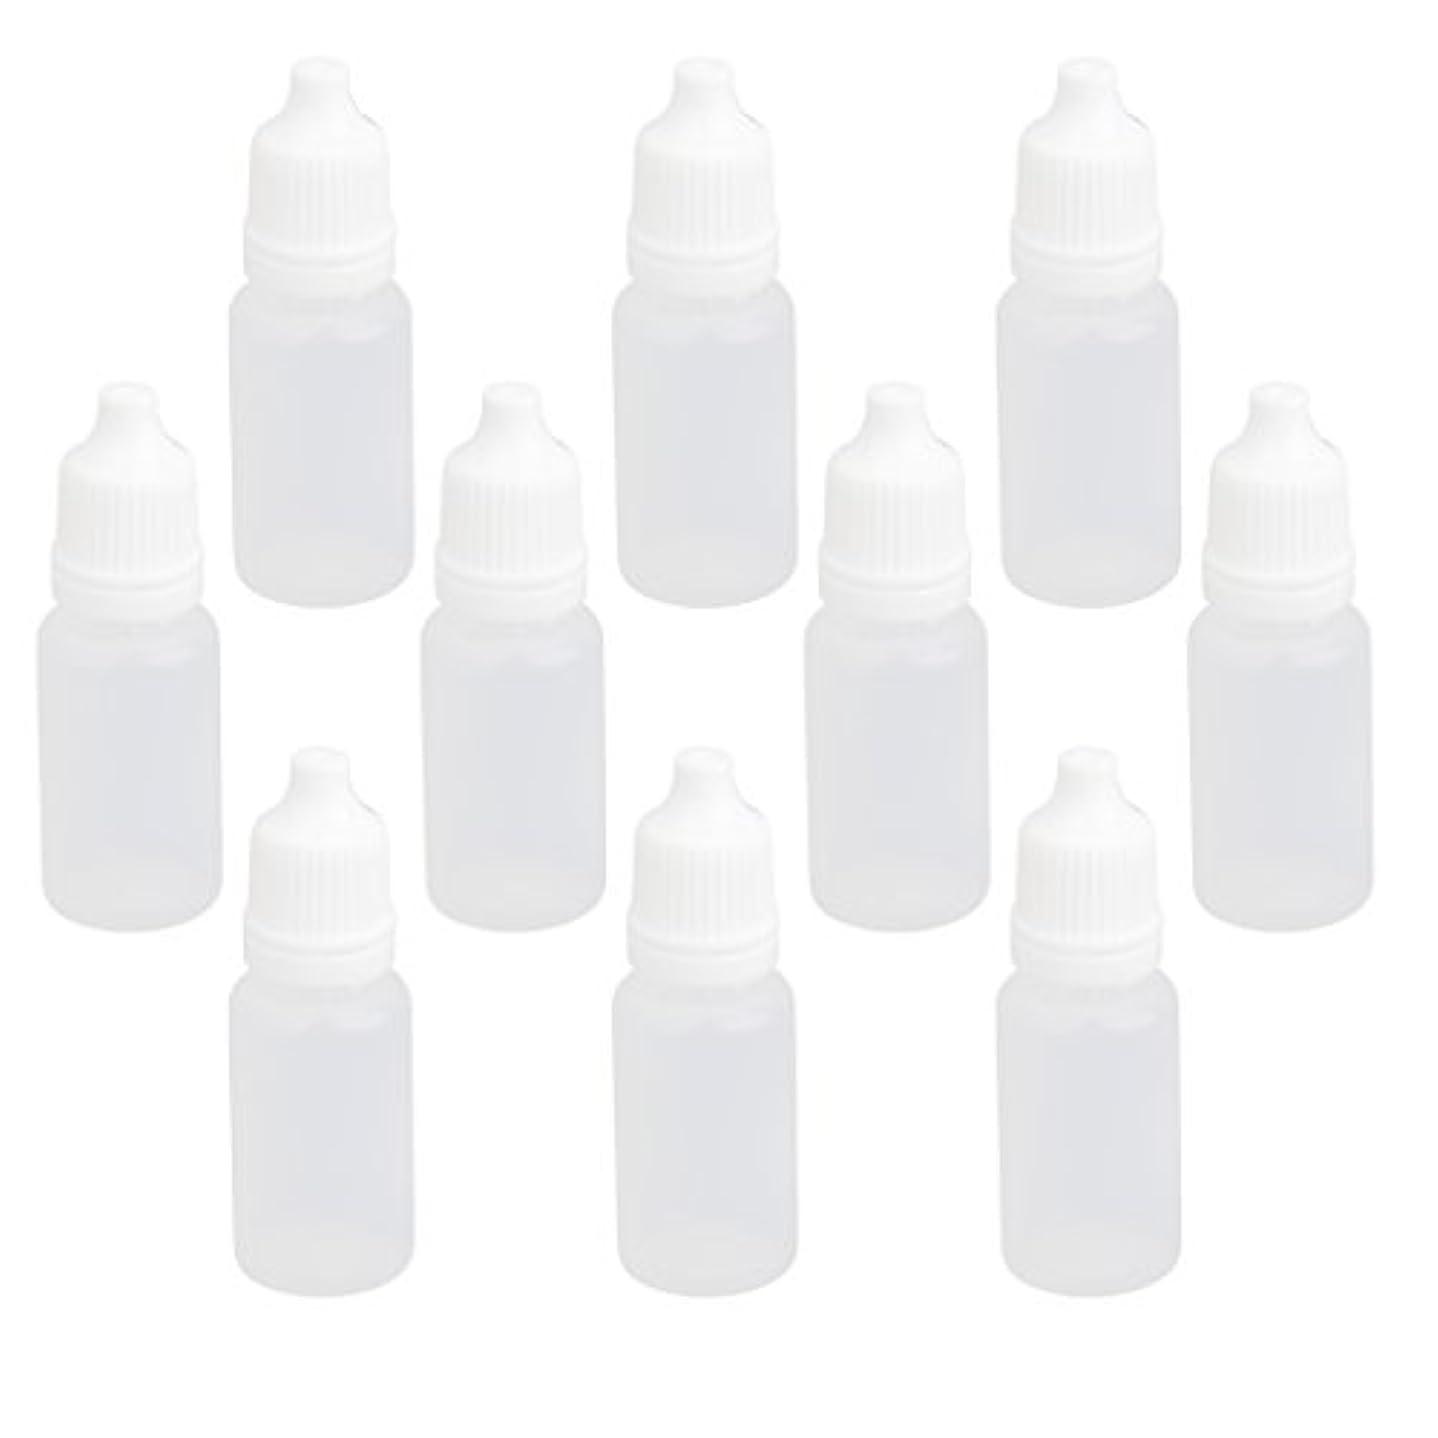 秘書虎見物人【ノーブランド品】ドロッパーボトル 点眼 液体 貯蔵用 滴瓶 プラスチック製 10個 (10ml)